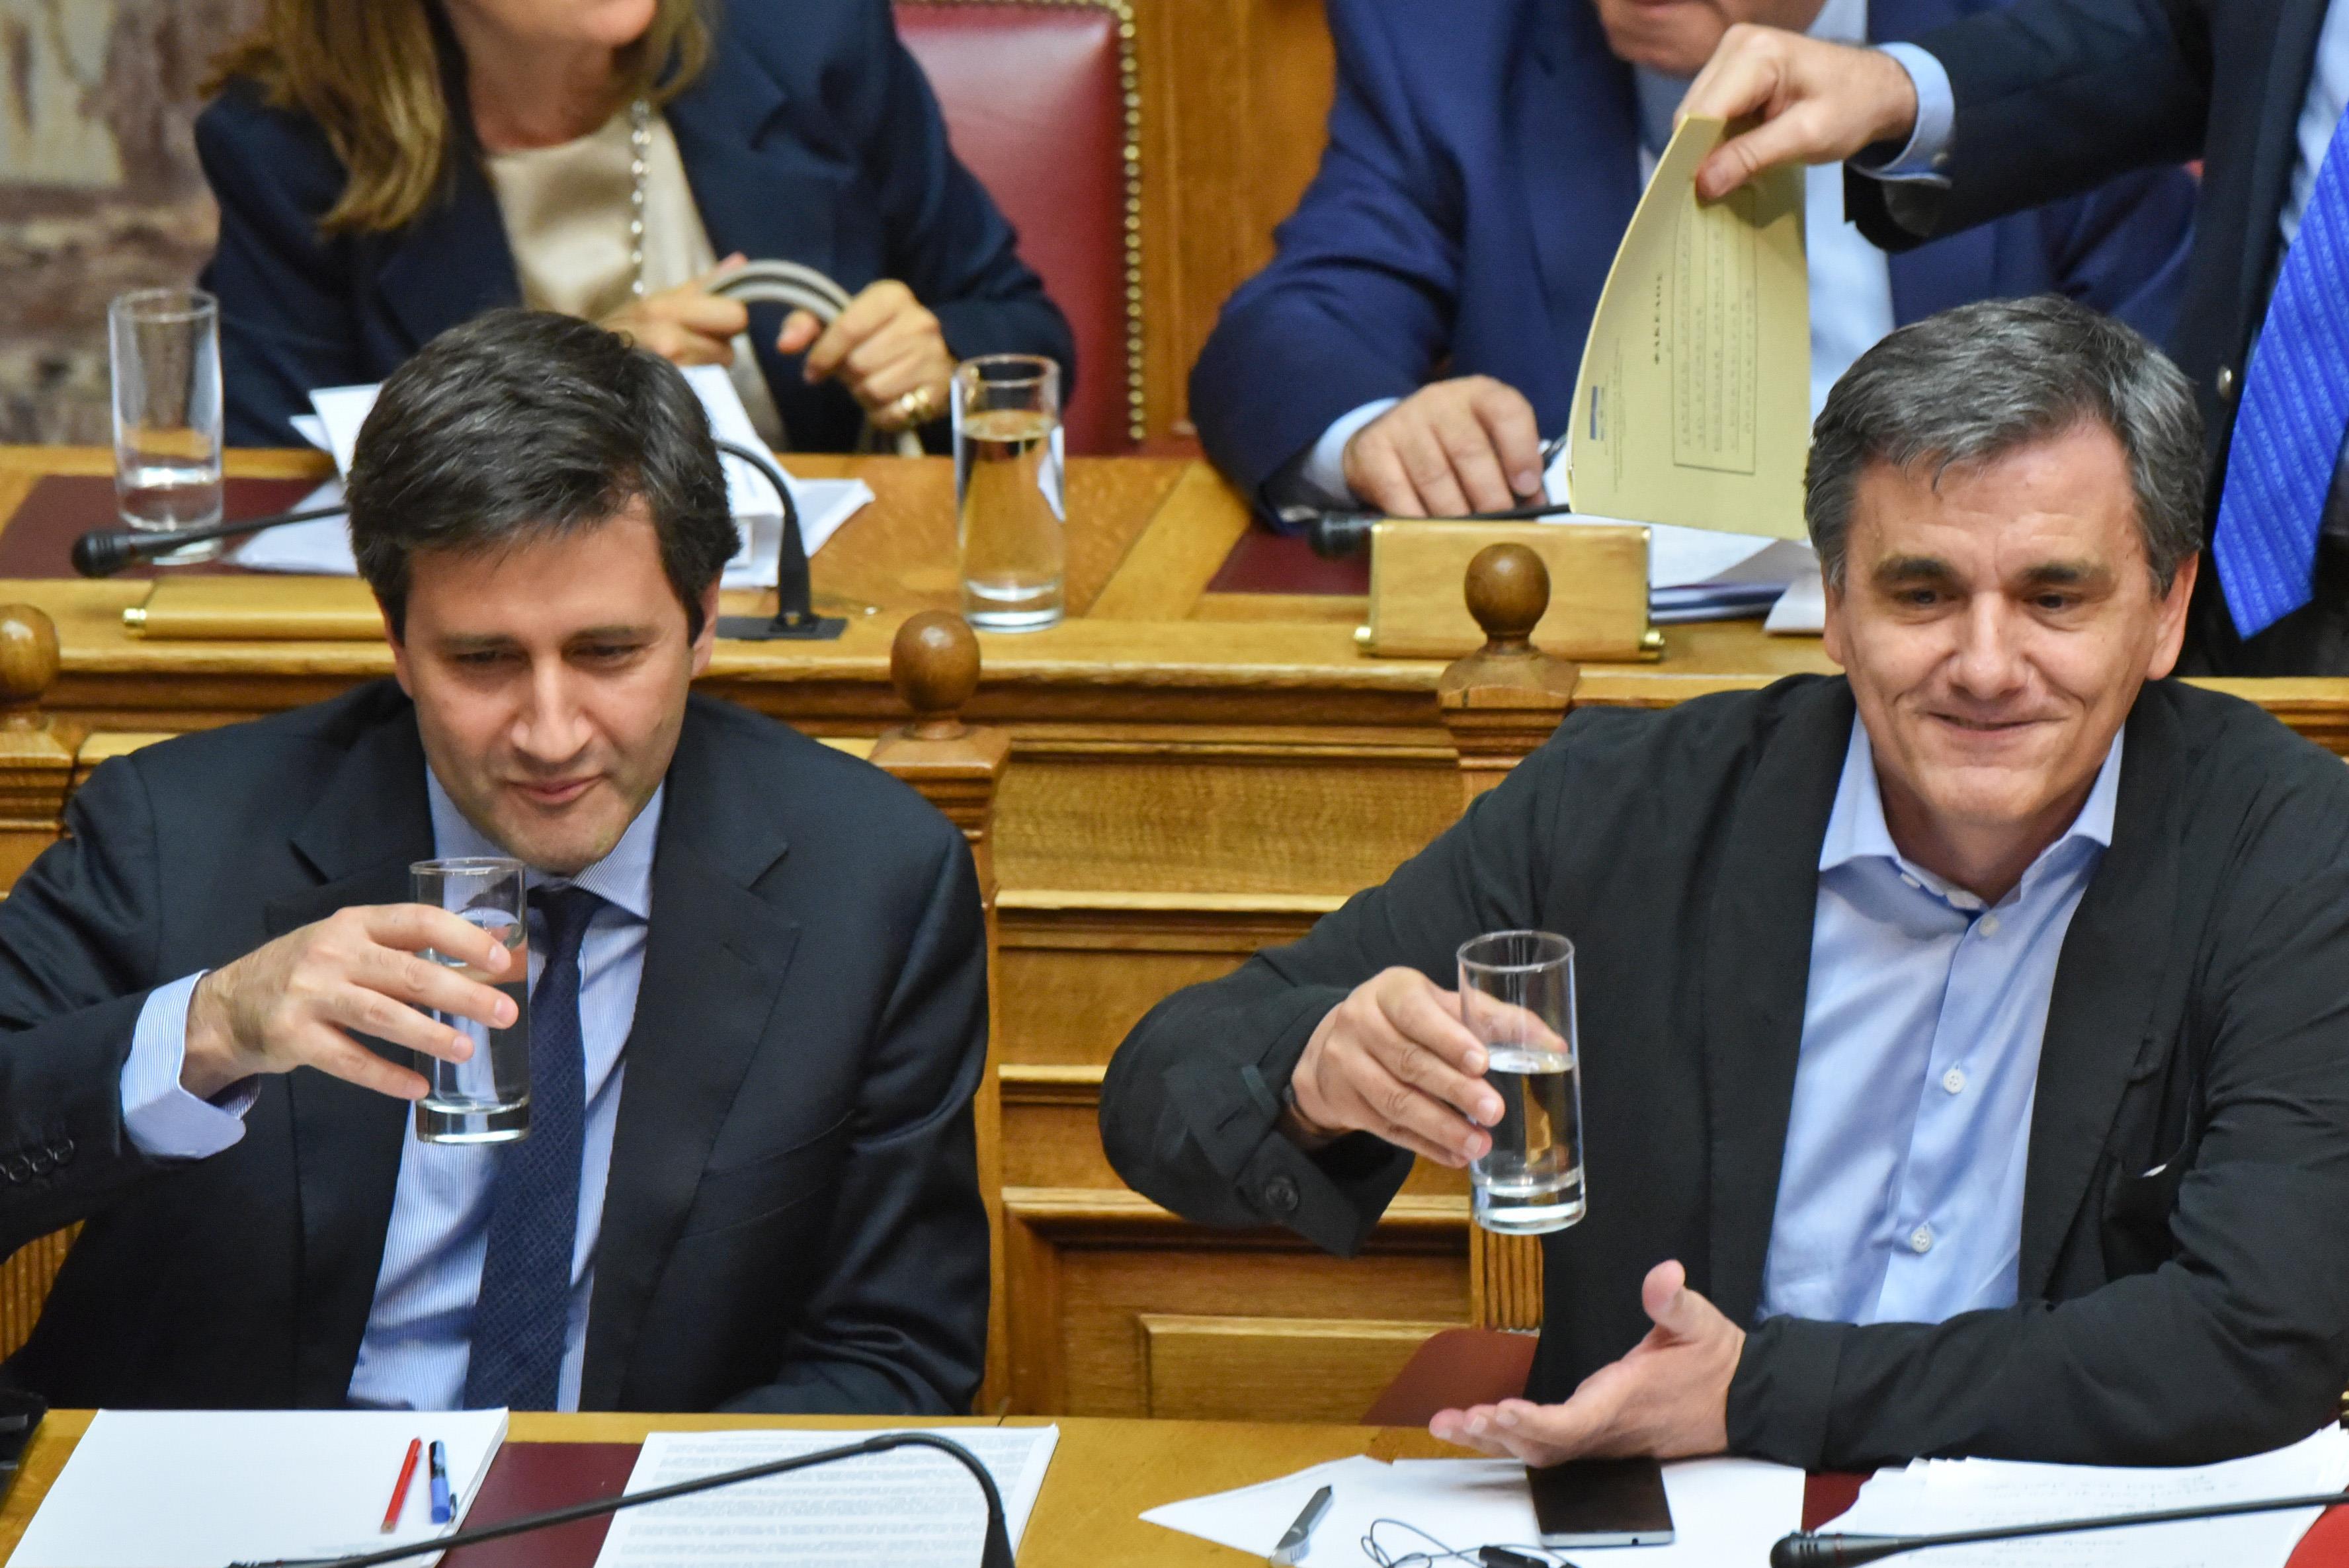 Τι κερδίζει η Ελλάδα από τη Συμφωνία για το ελληνικό χρέος